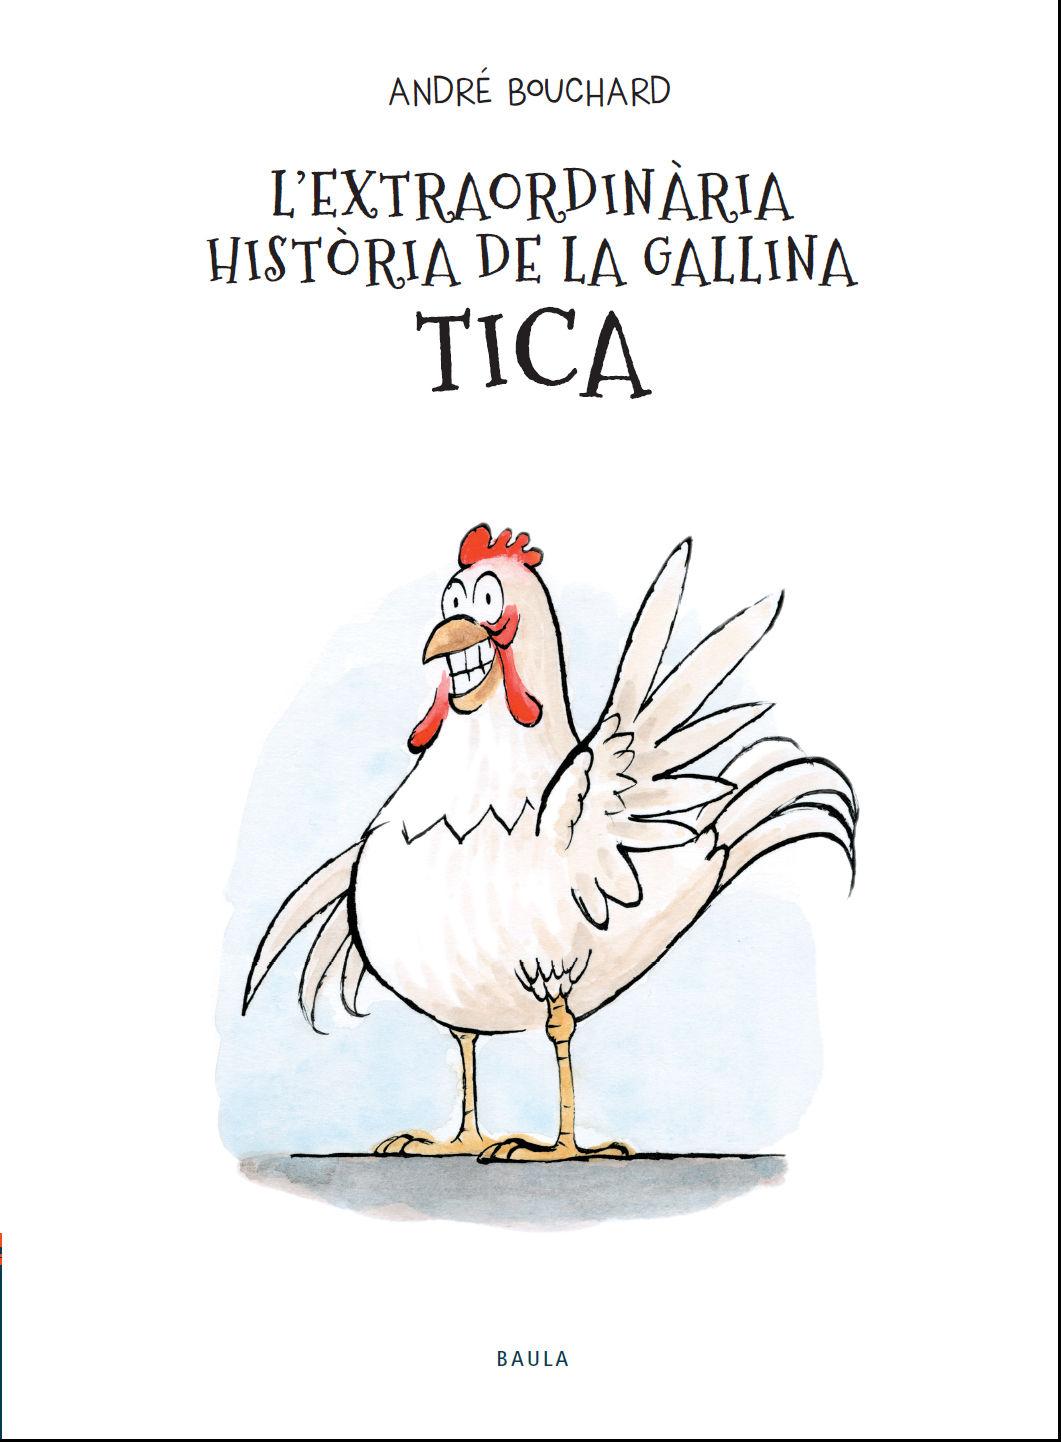 EXTRAORDINARIA HISTORIA DE LA GALLINA TICA L